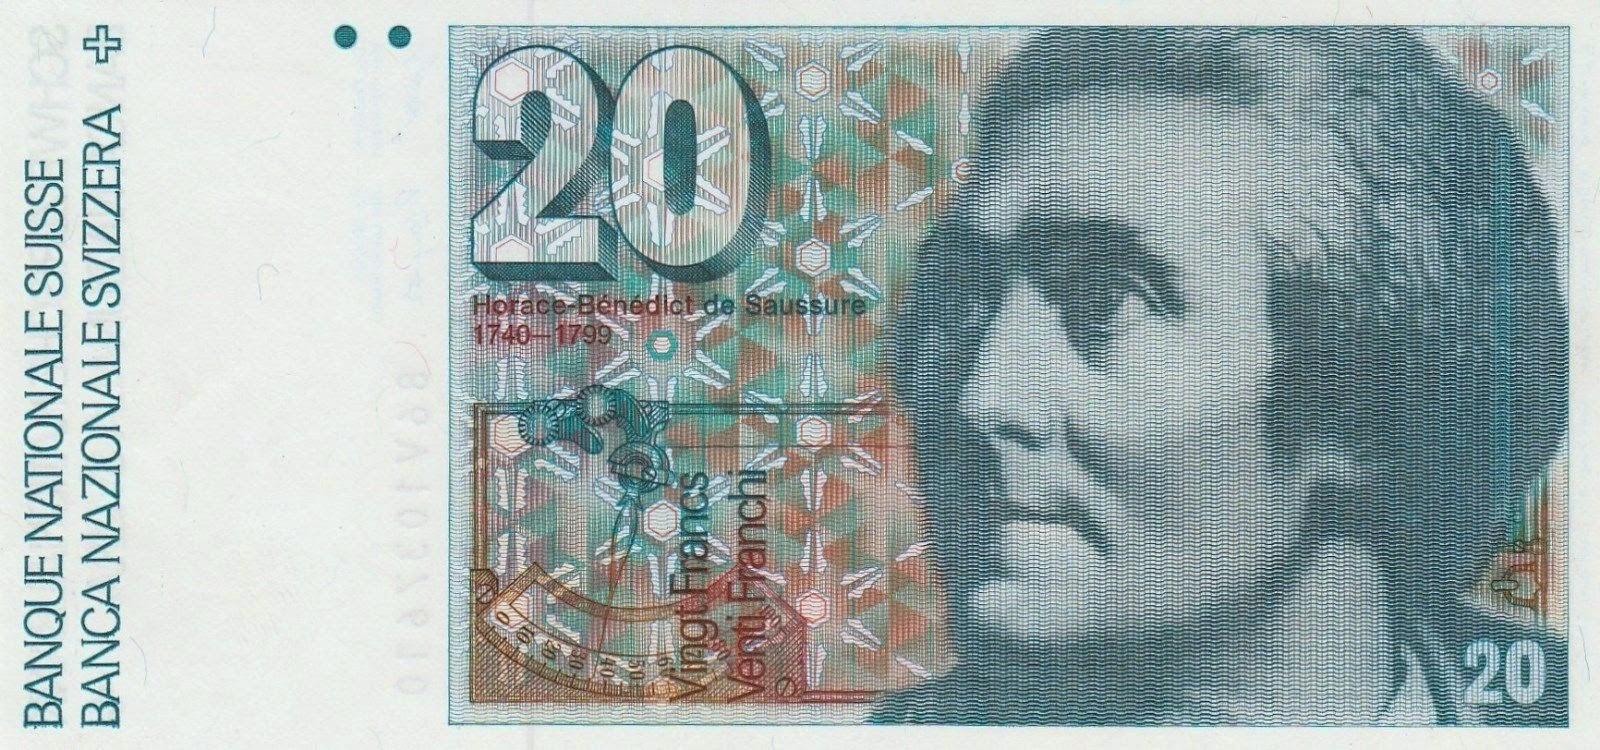 Banknotes of Switzerland 20 Swiss Franc note, Horace-Benedict de Saussure